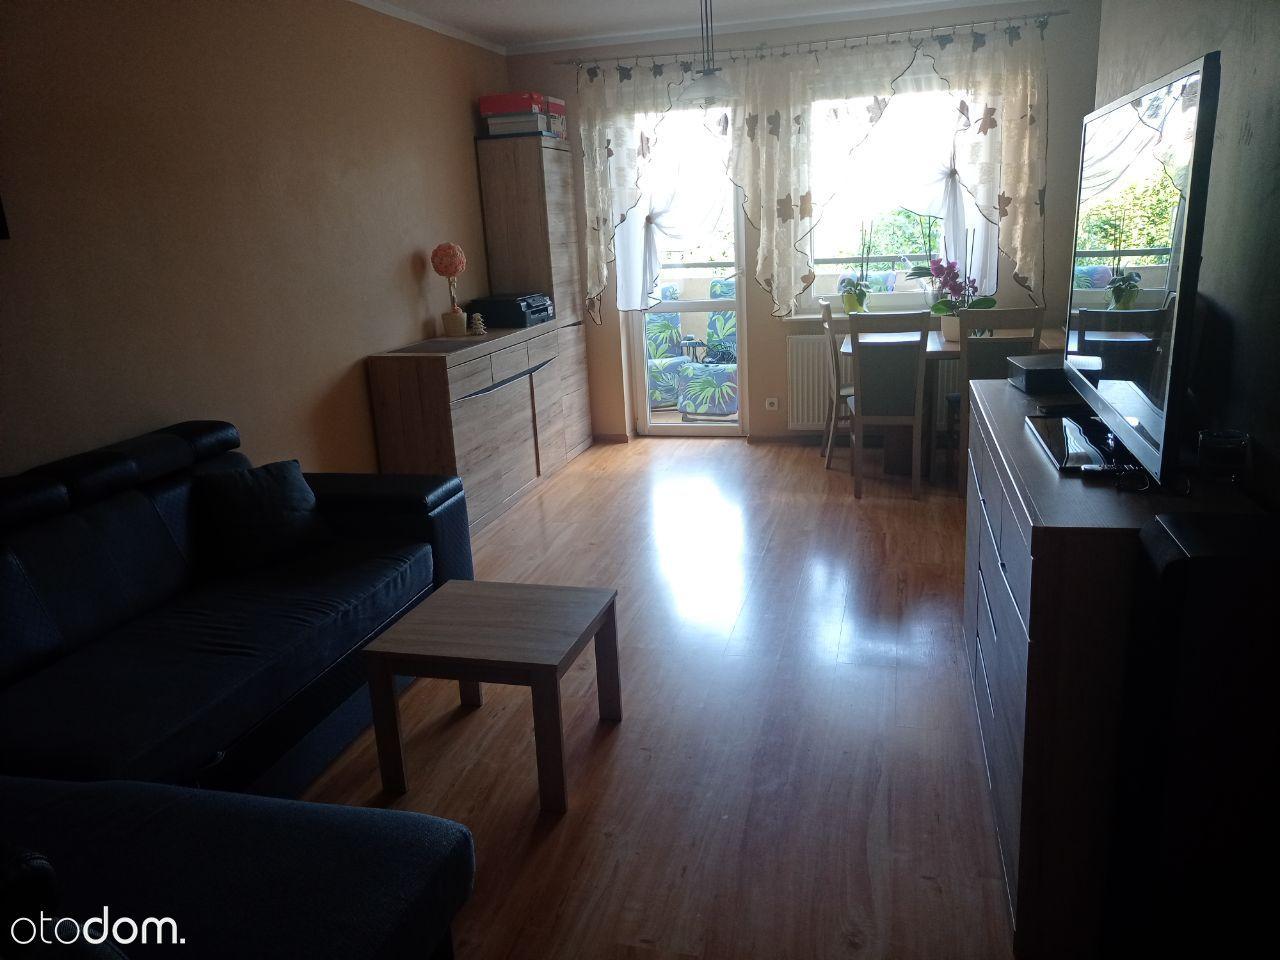 mieszkanie 3 pokojowe 65 m2 + miejsce postojowe